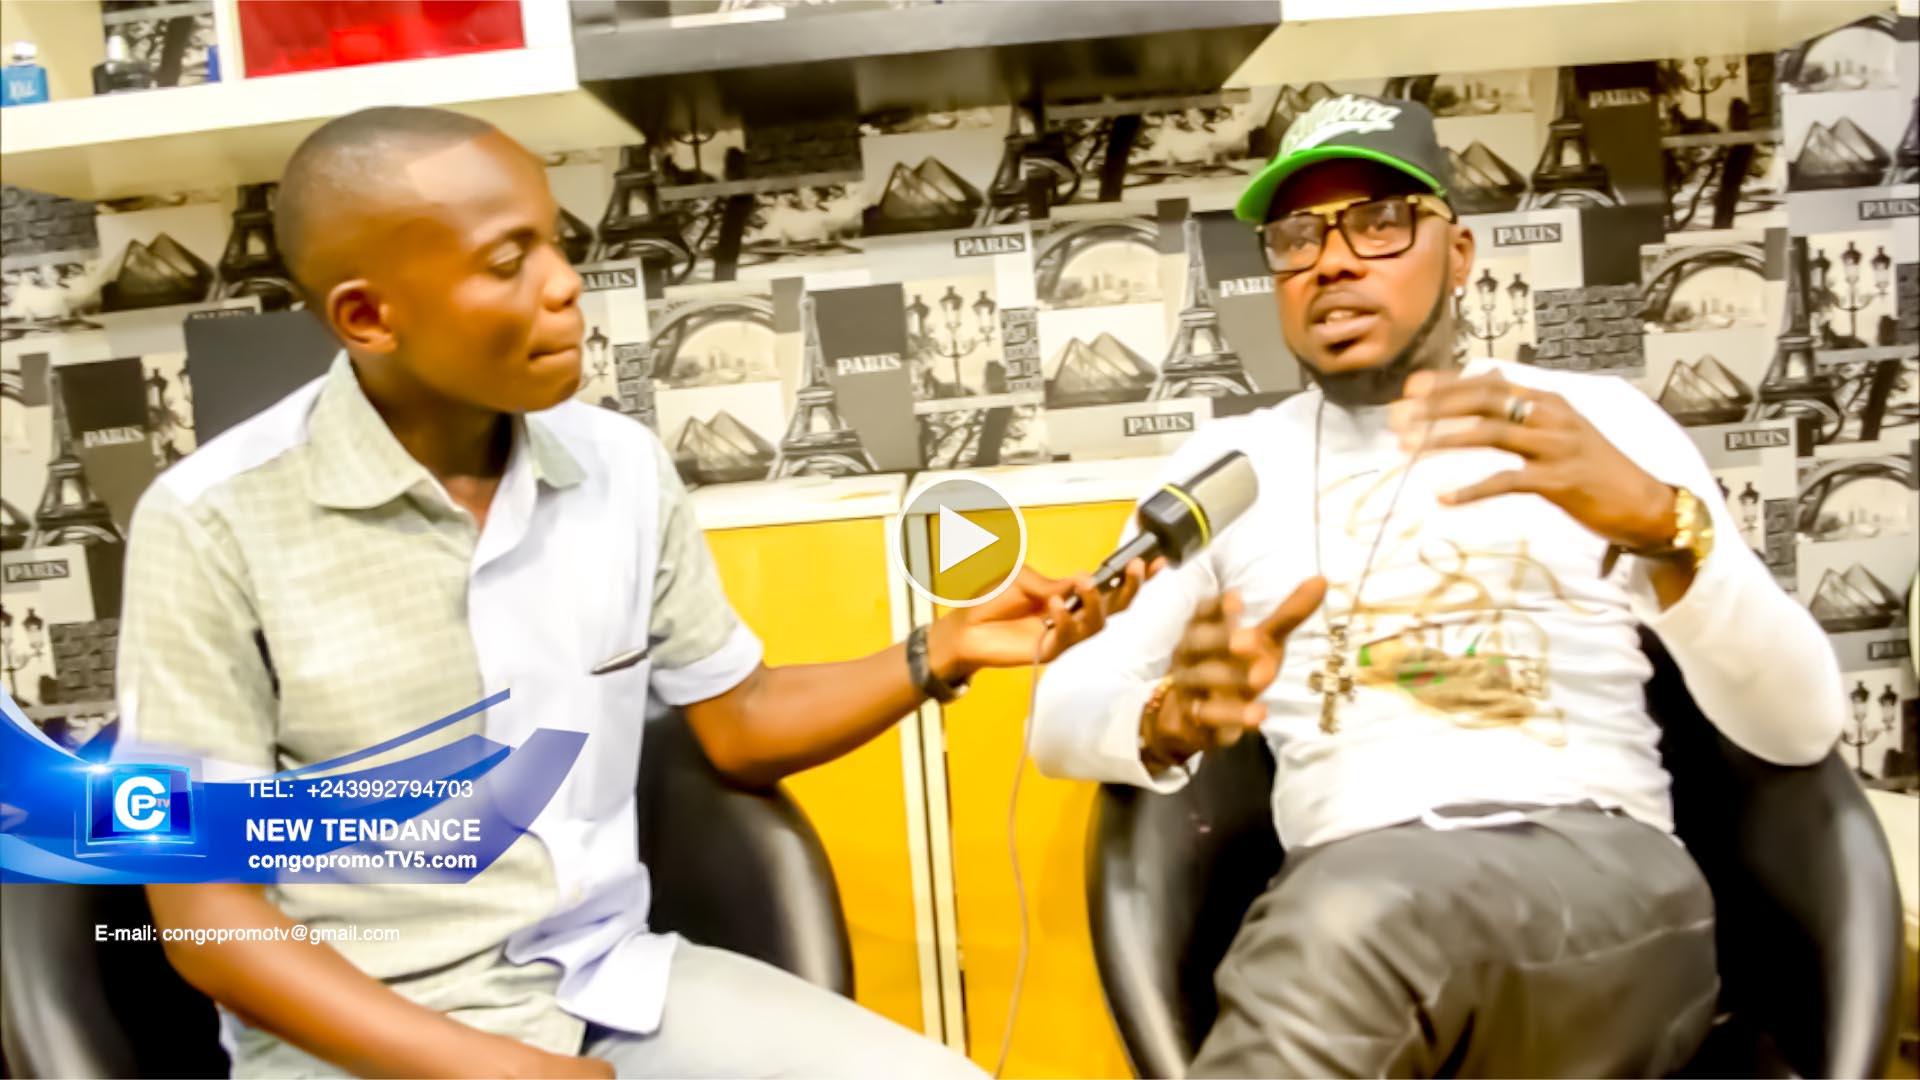 Vérité choc Marc House de ferre GOLA atangi ba musiciens balongwe et explique ideologie ya vieux jaloux